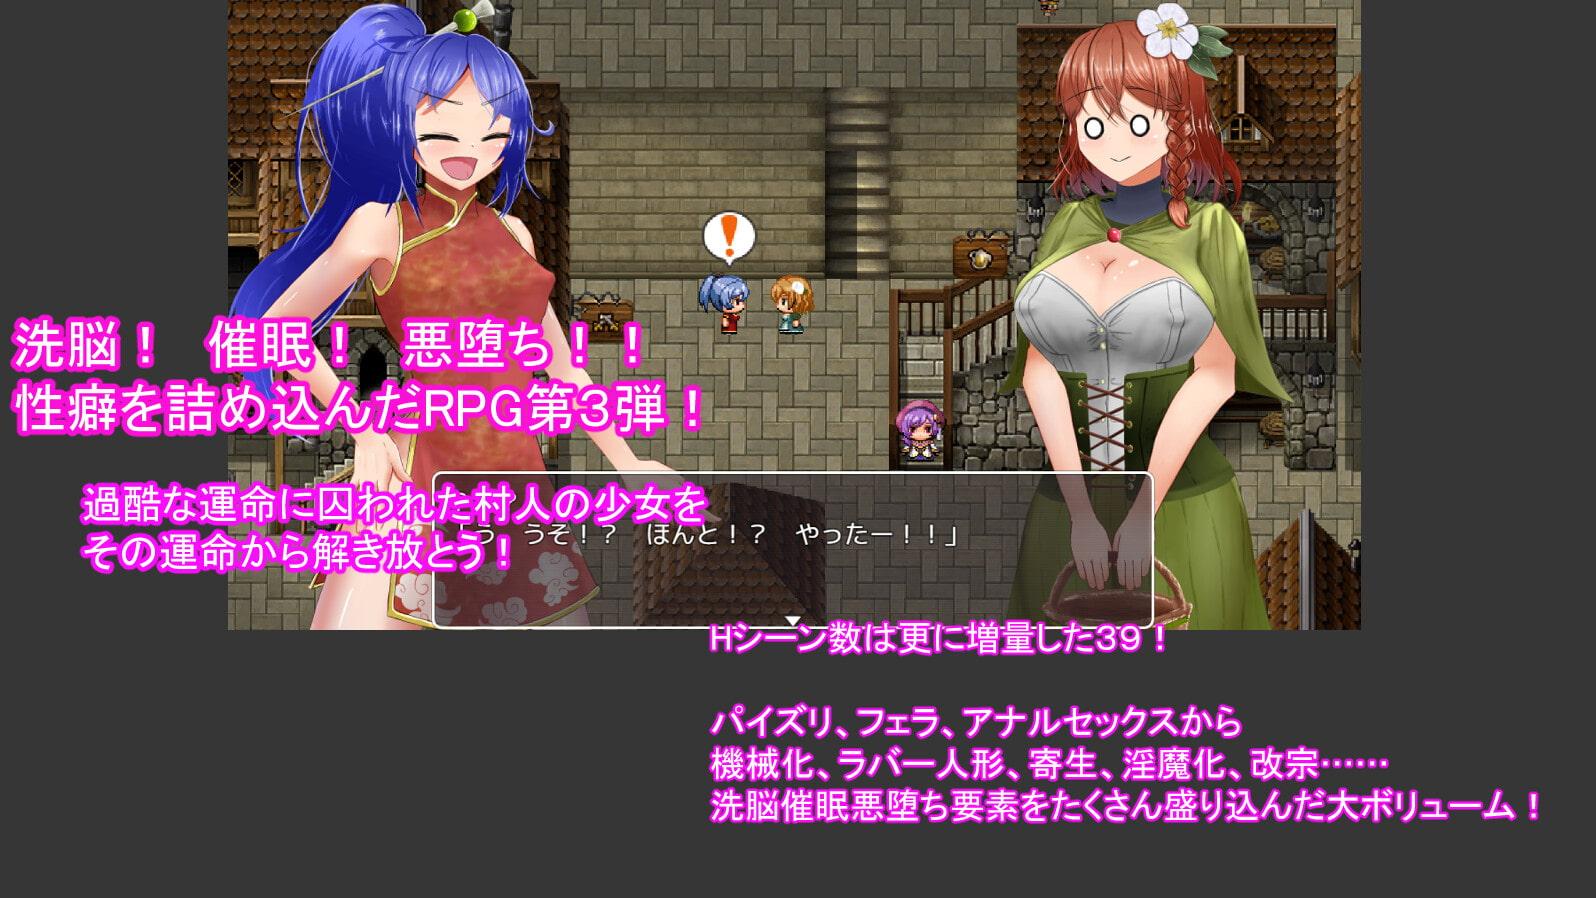 姦難の相 ~村娘クーリカの淫靡な運命~